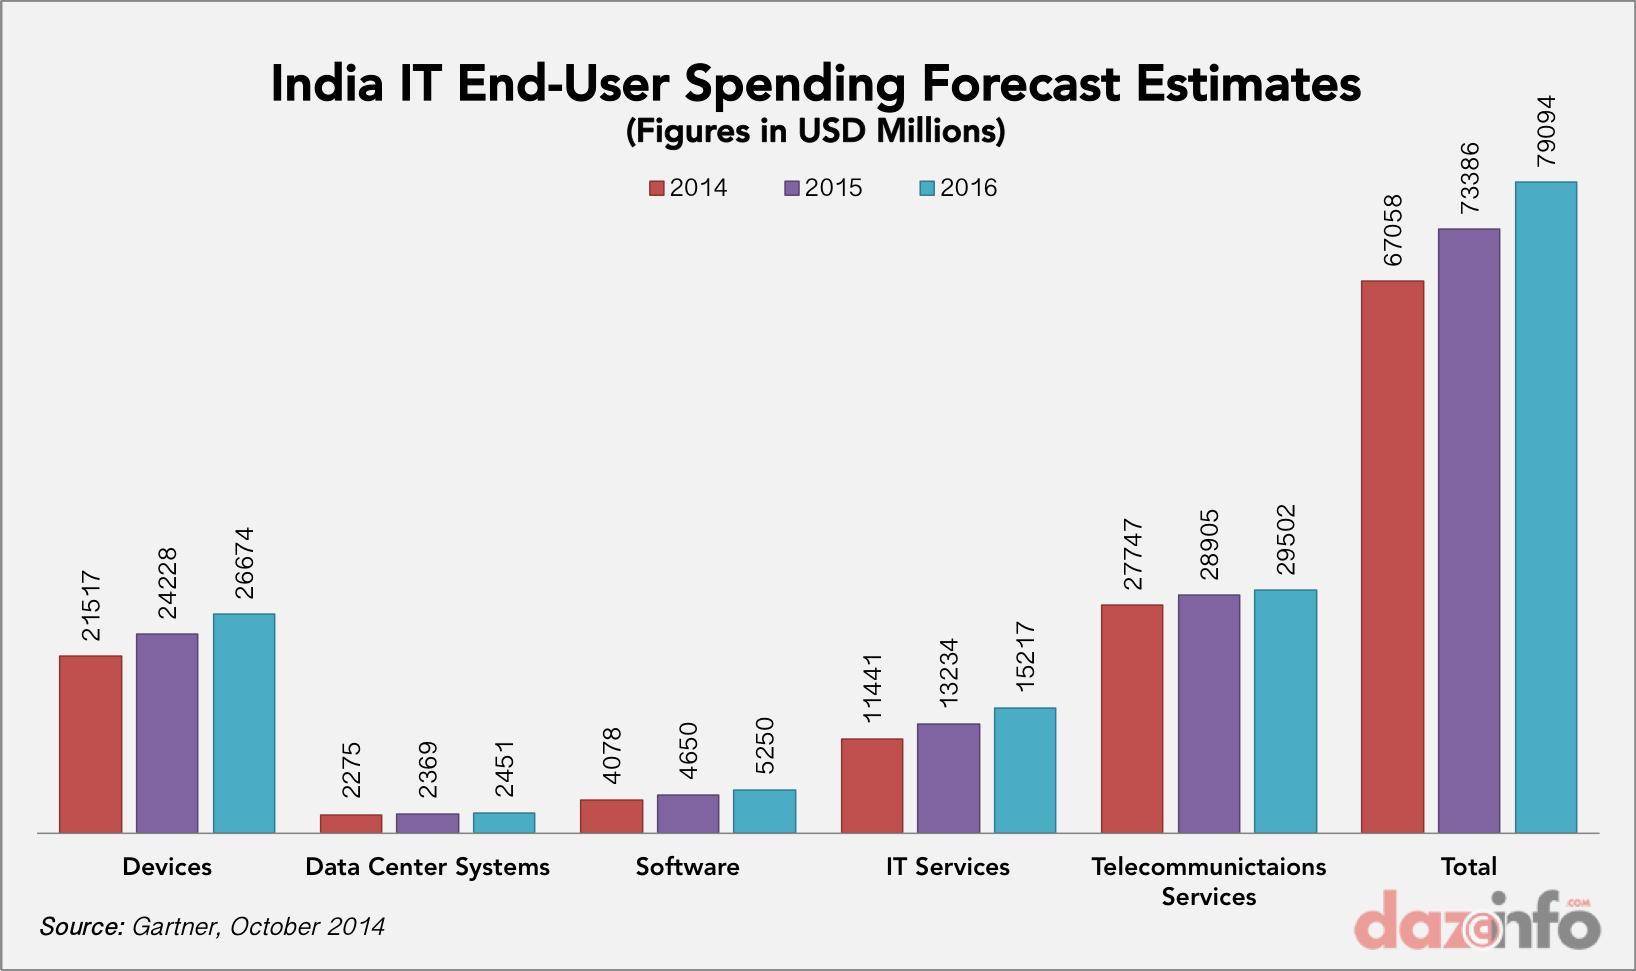 IT spending in India 2014-2016